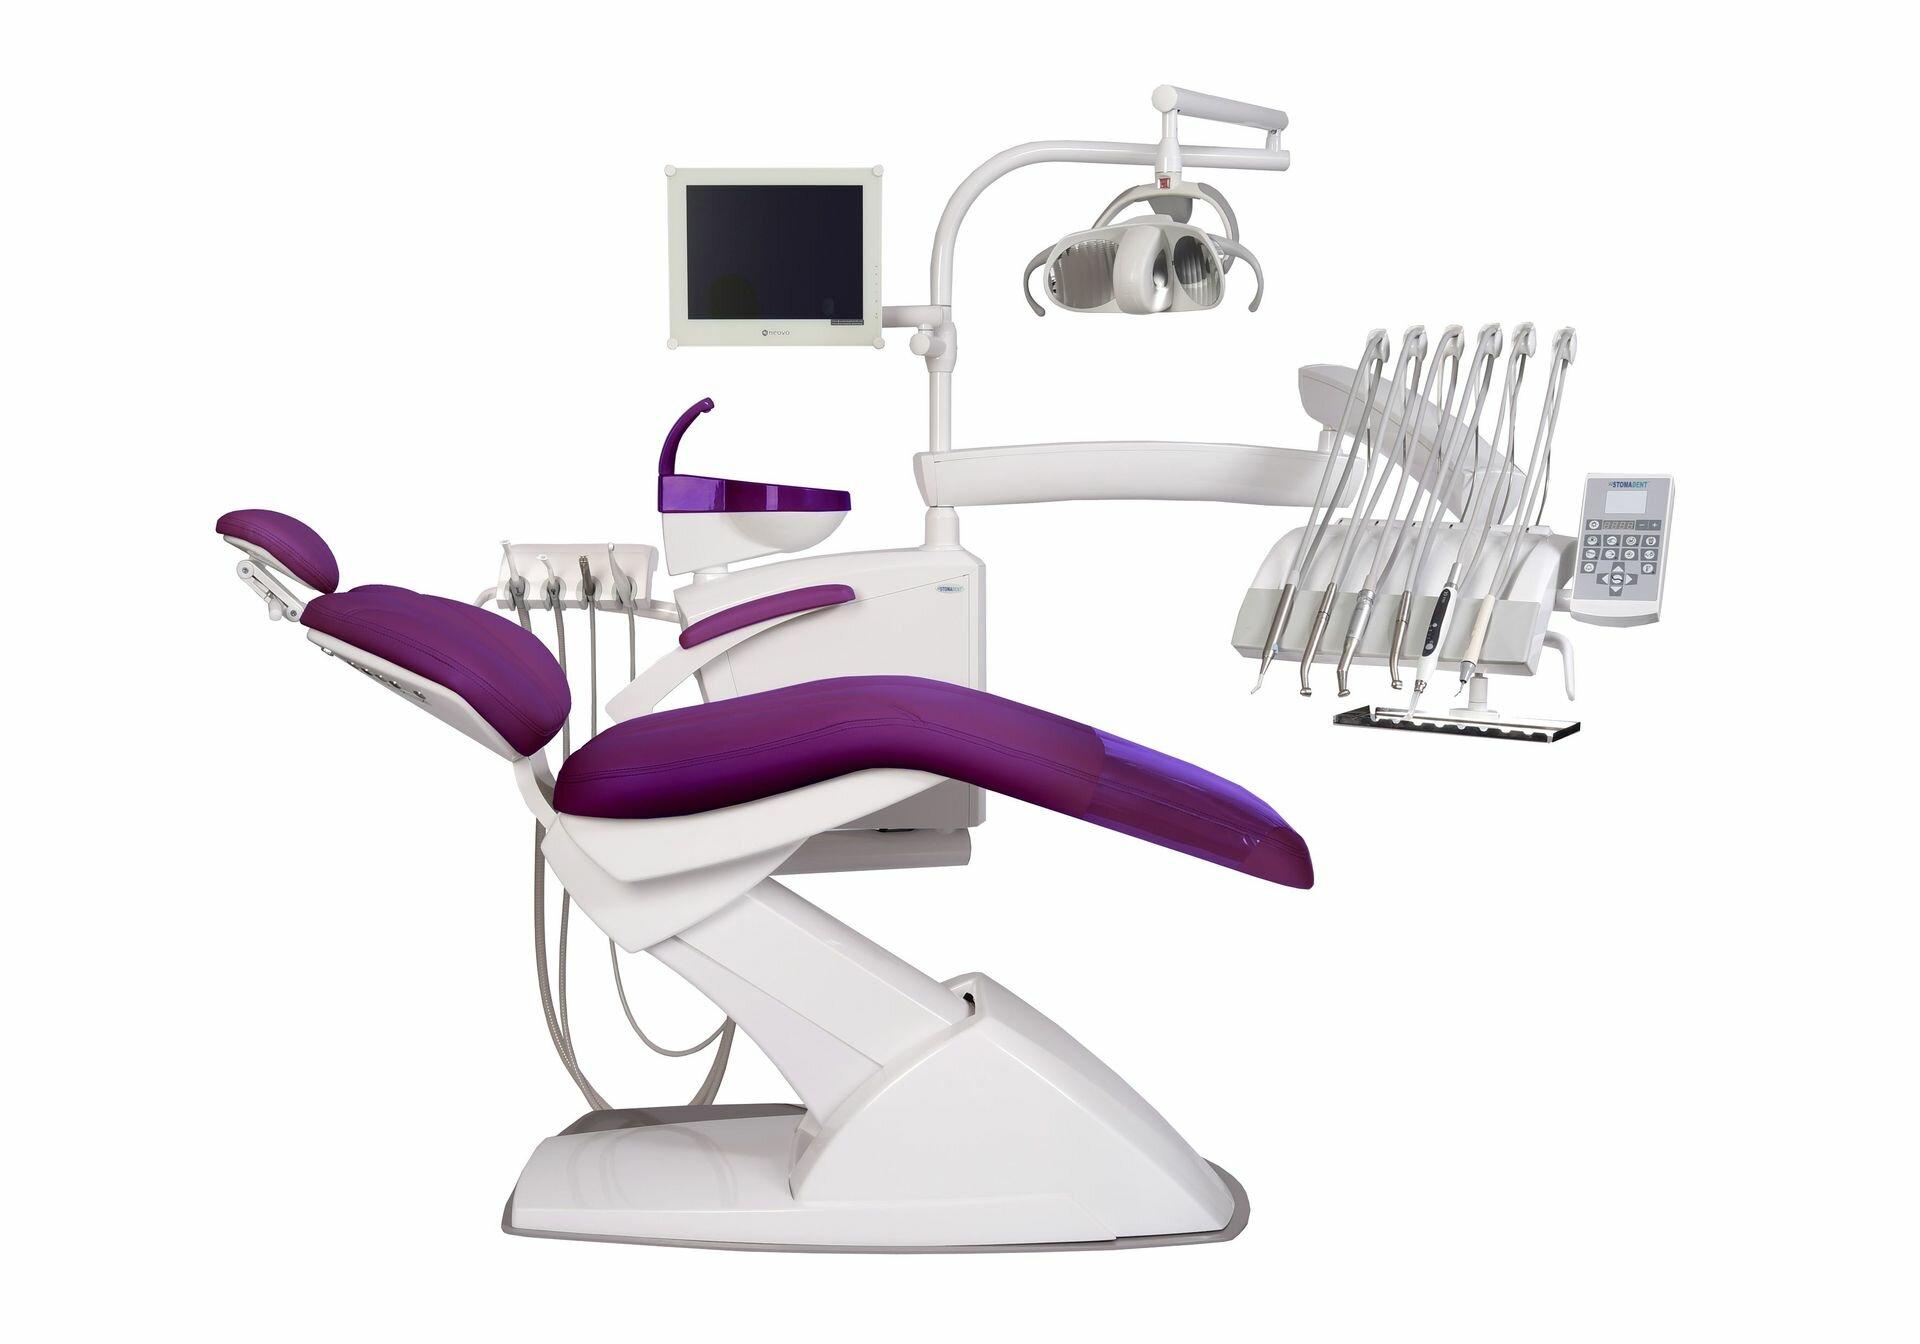 STOMADENT IMPULS NEO2 - стоматологическая установка с верхней подачей инструментов